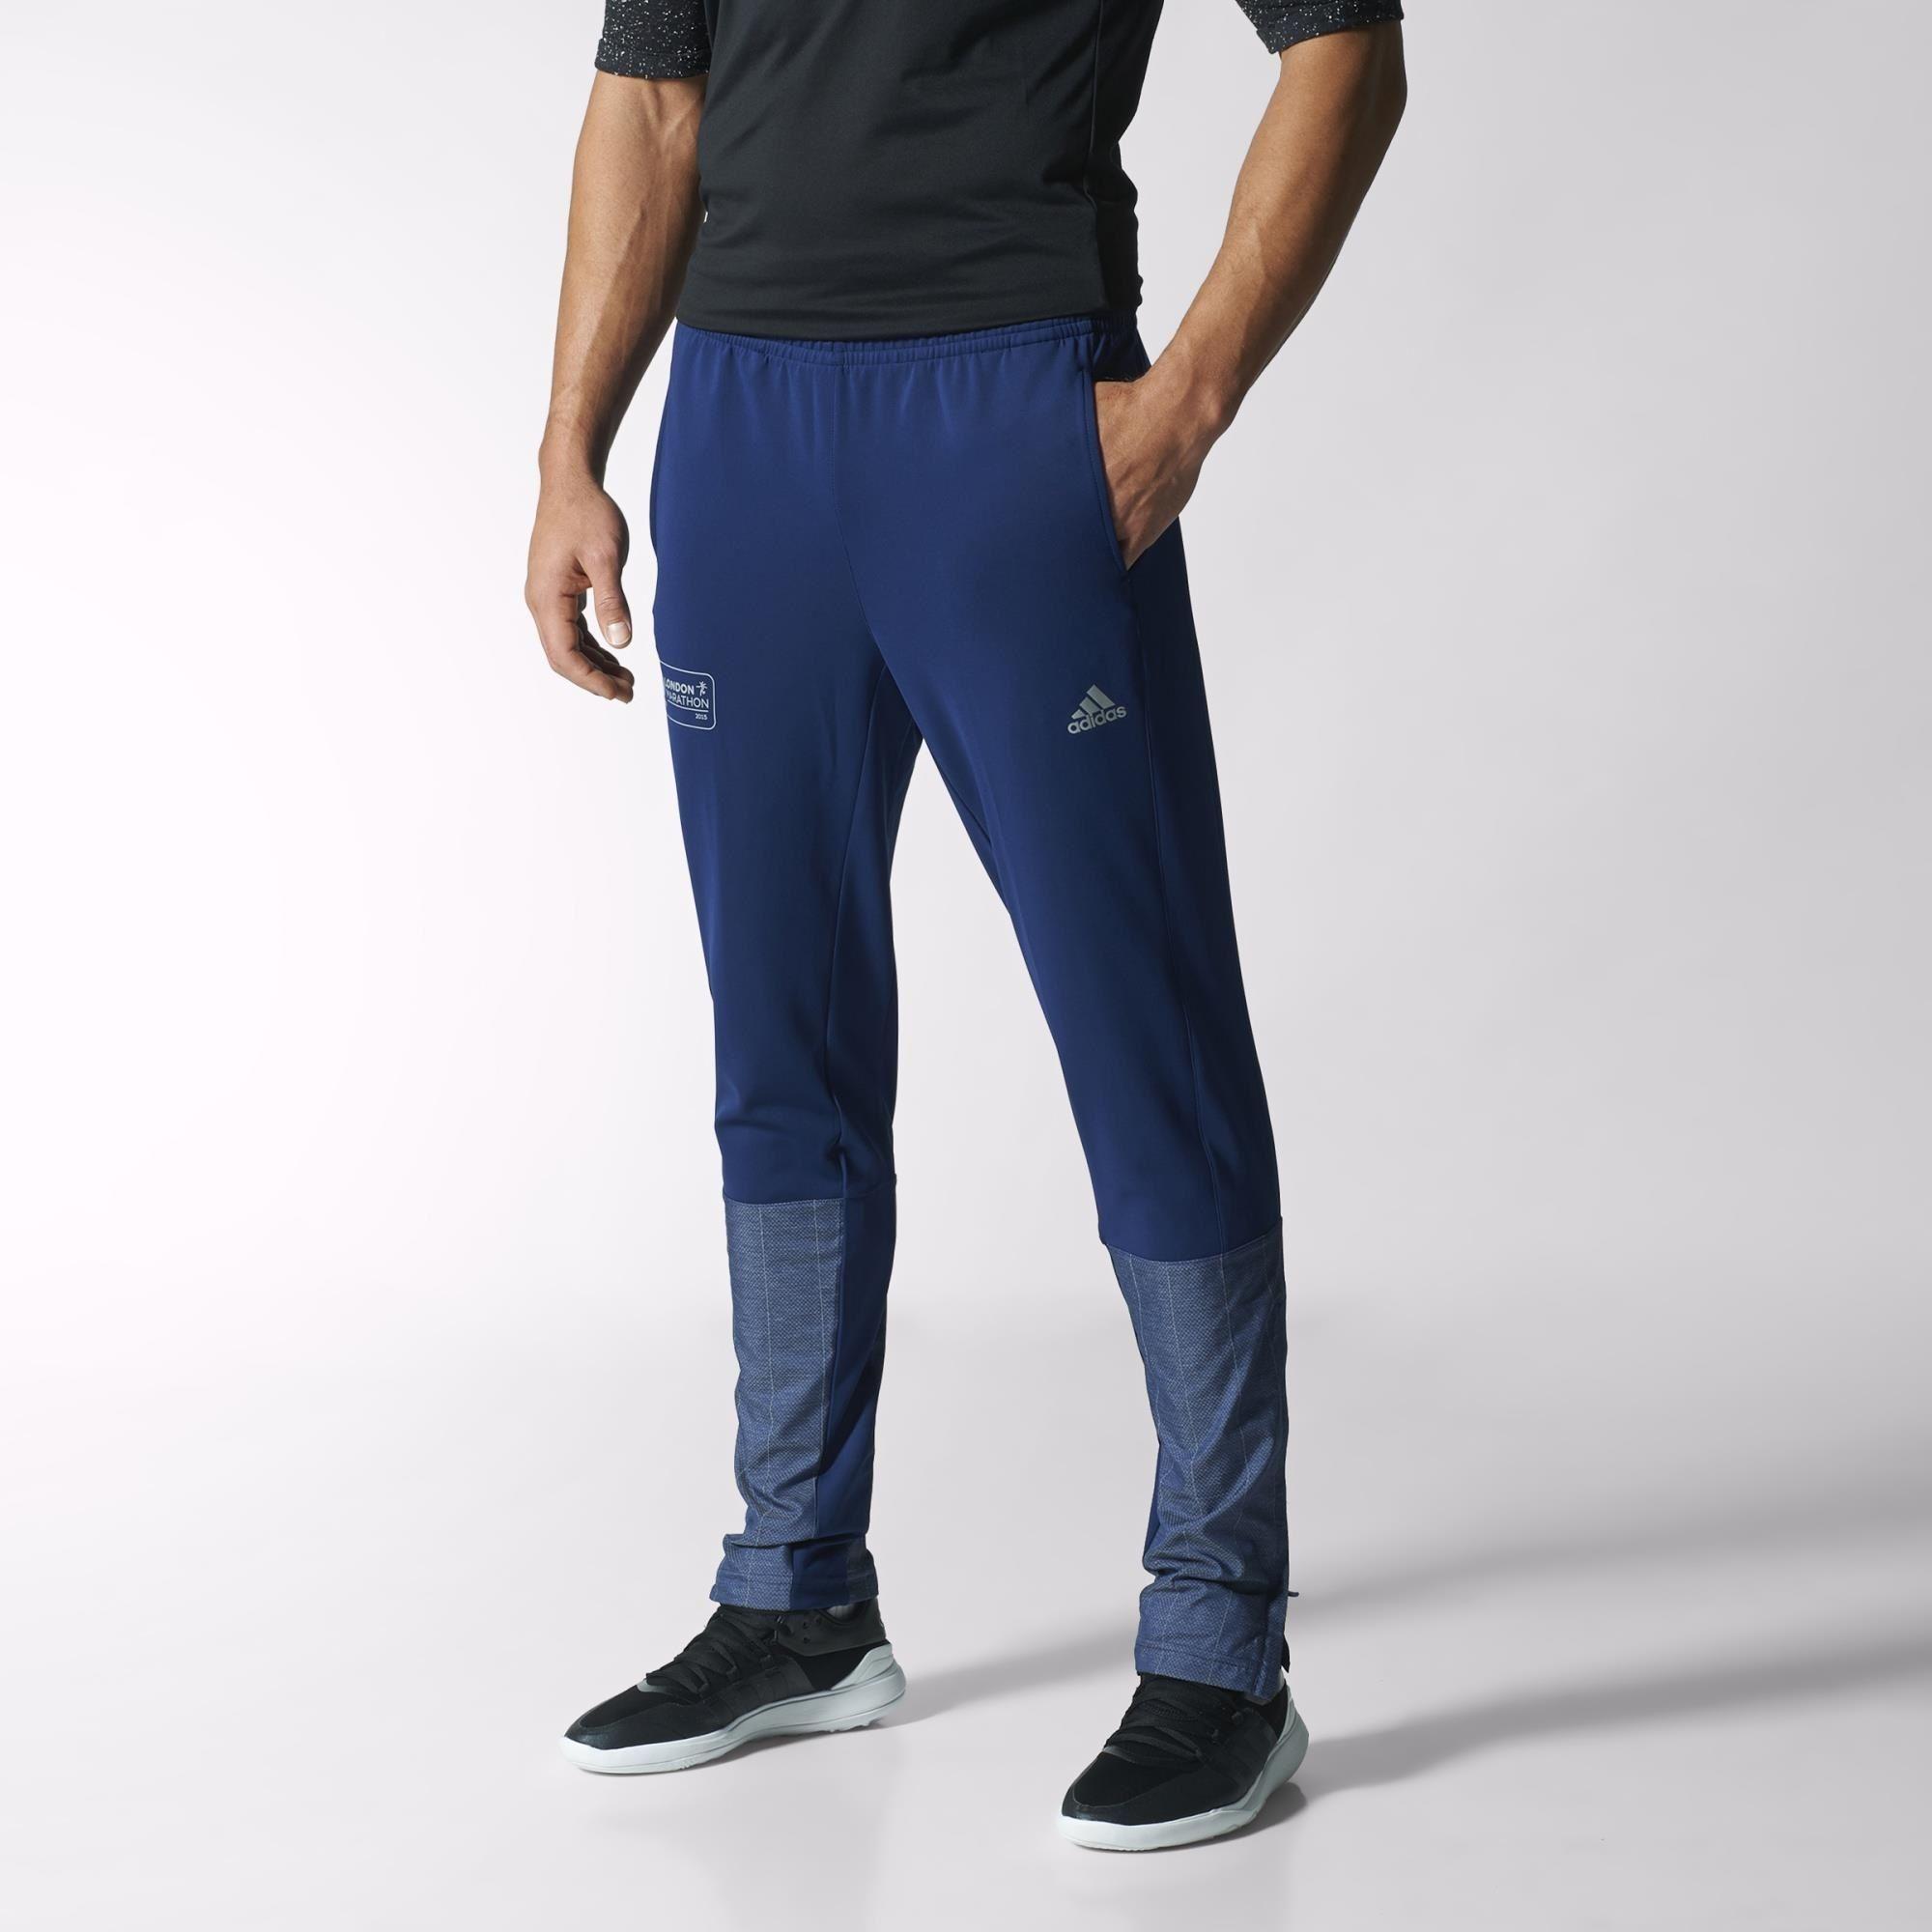 Supernova Track Pants | Products | Adidas supernova, Track